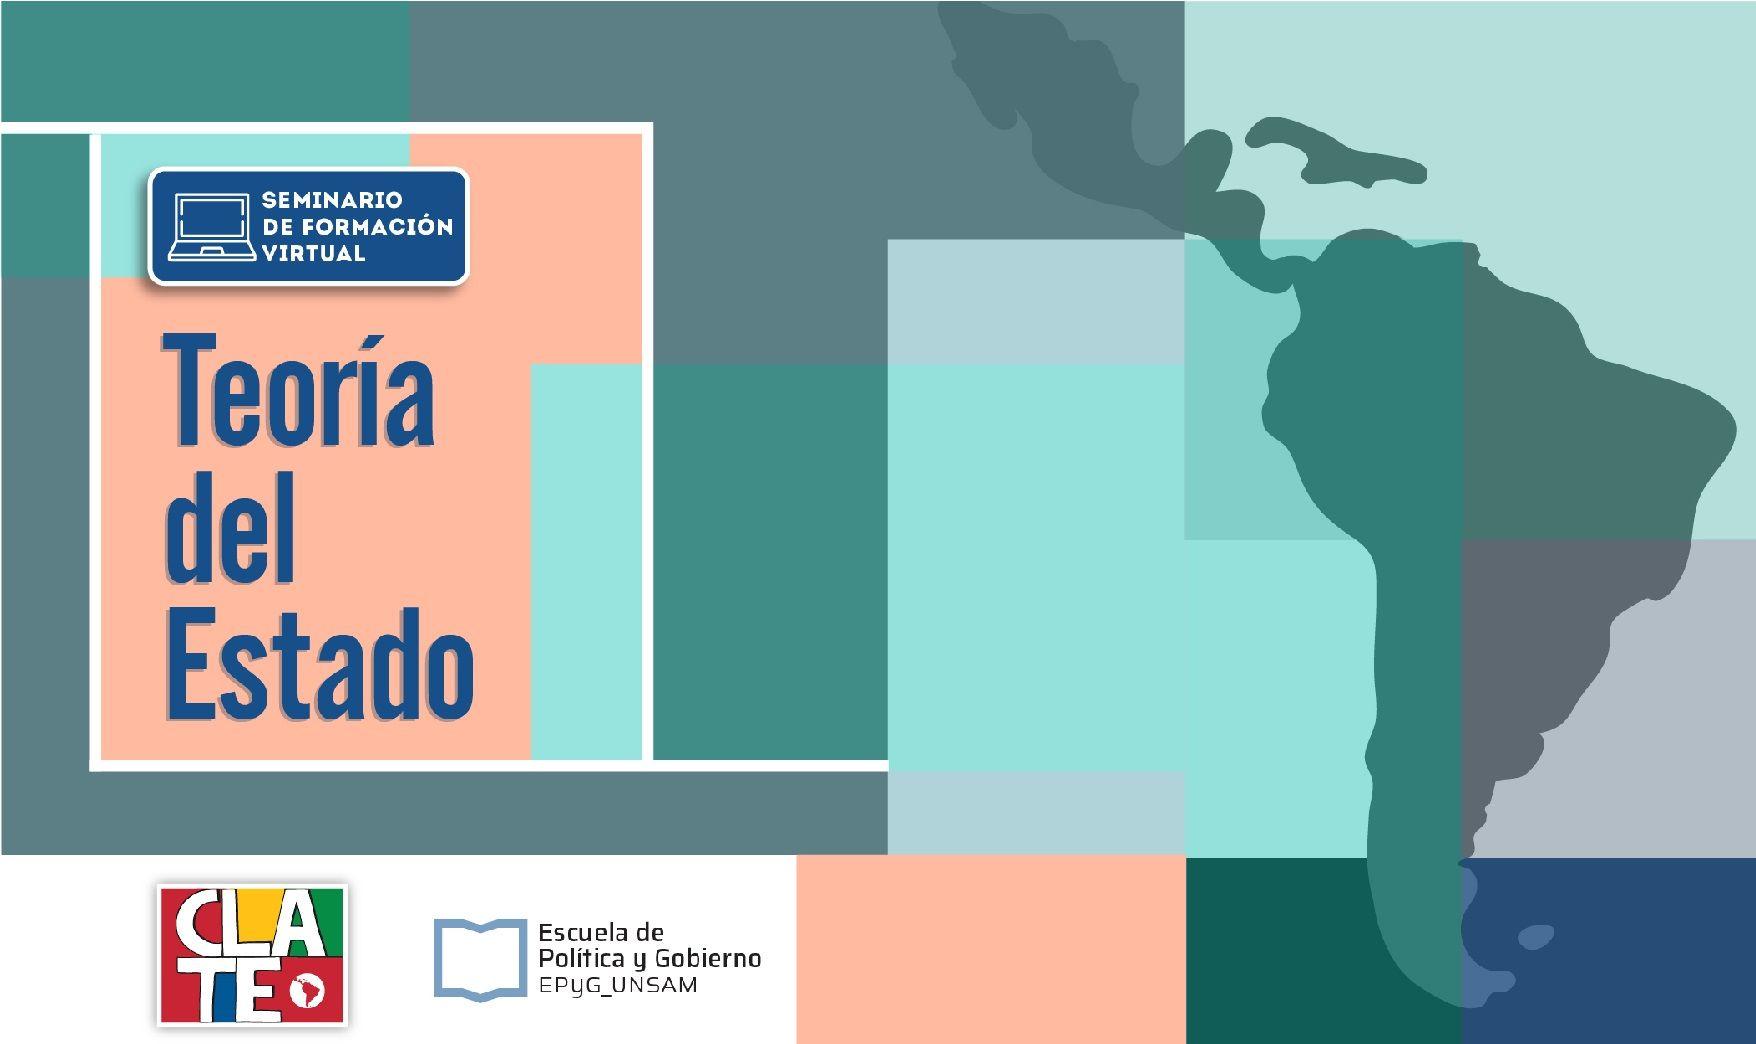 Nuevo seminario virtual sobre Teoría del Estado